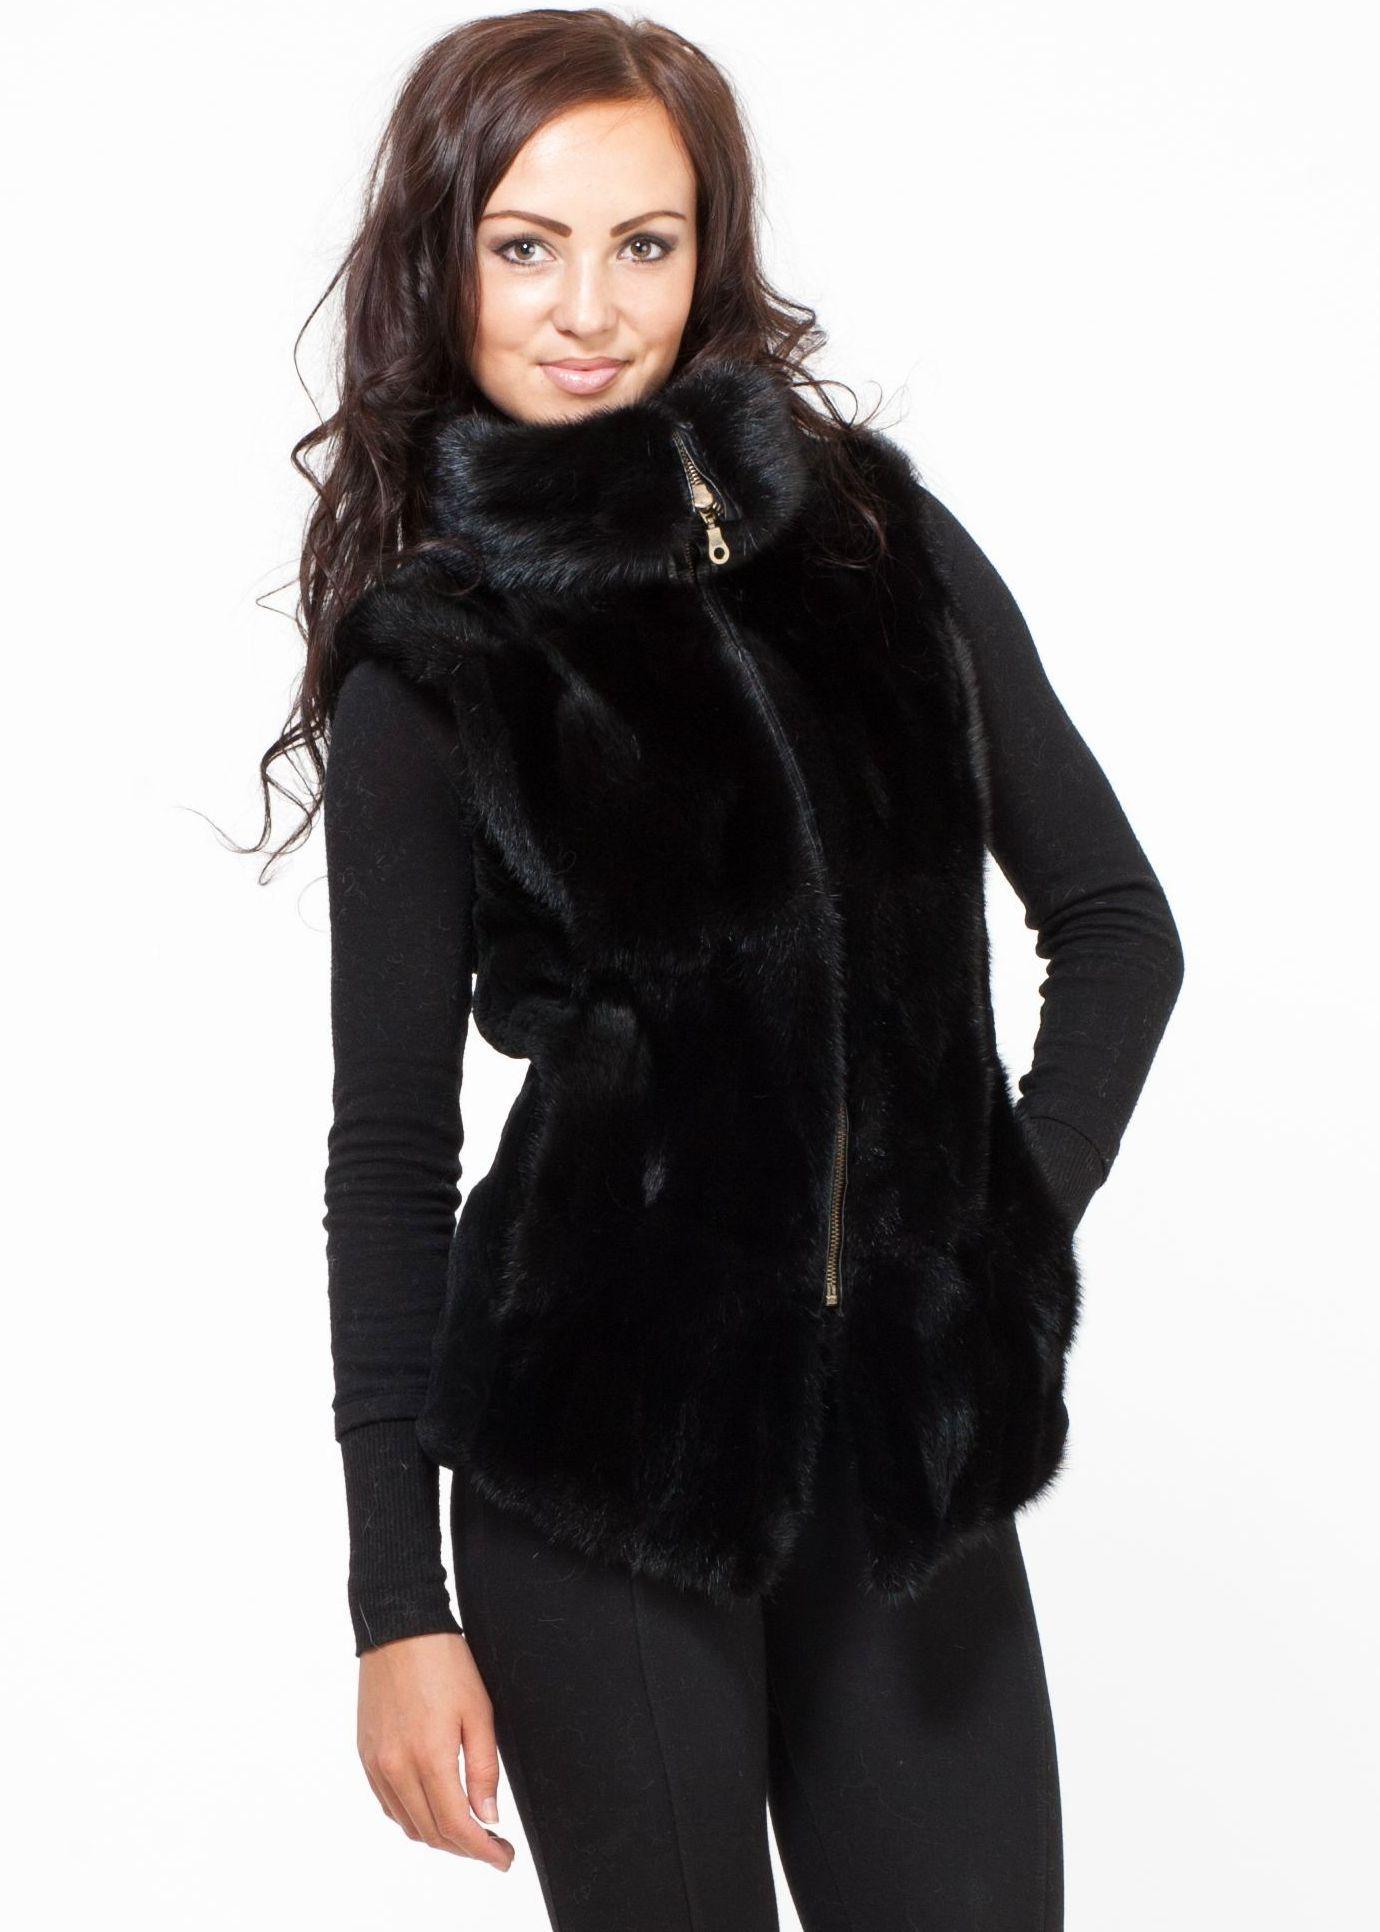 Мужские демисезонные куртки купить 2013